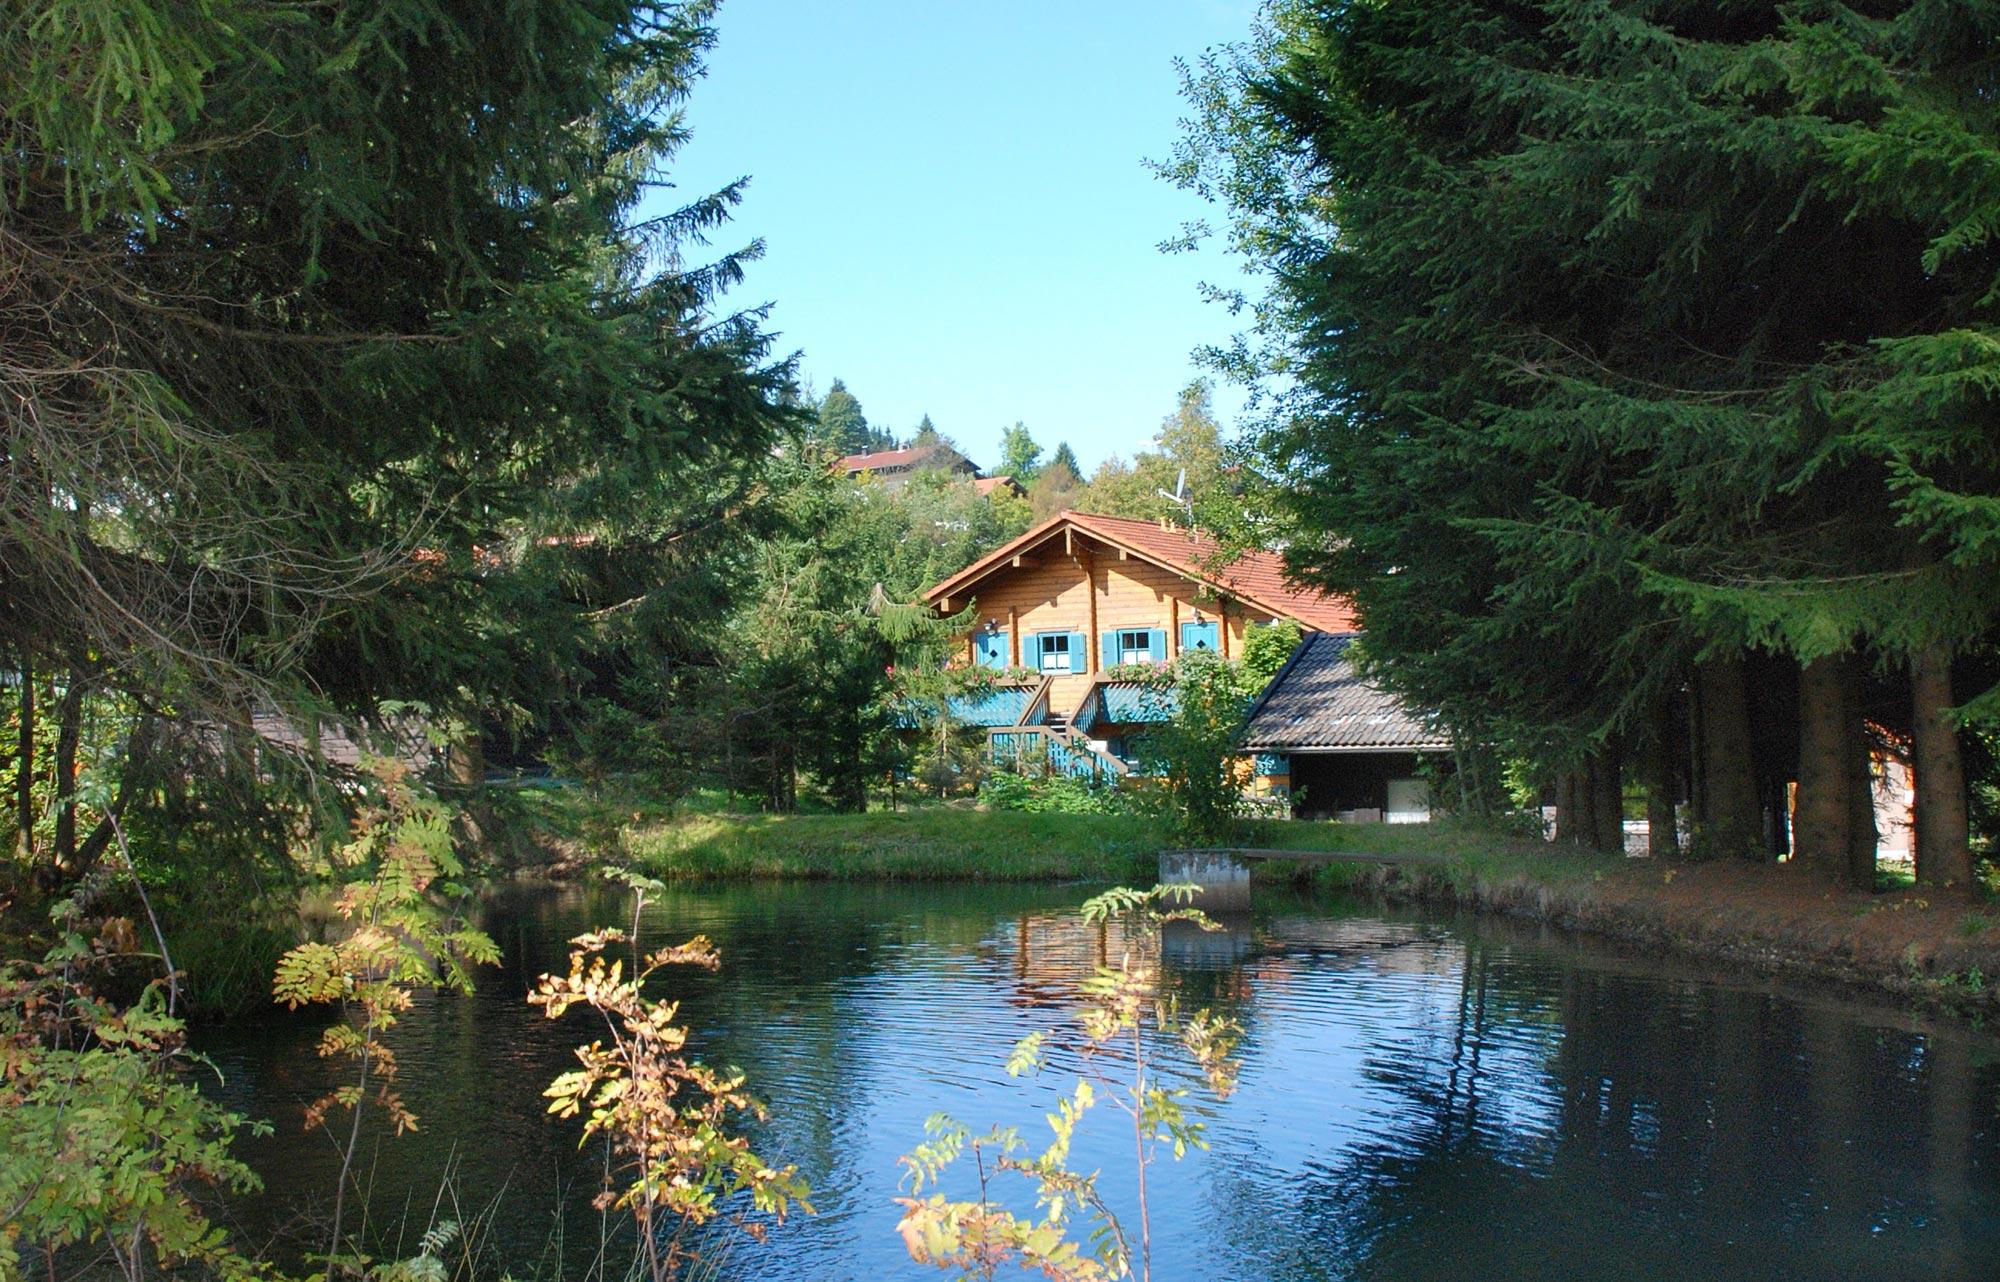 Ferienhaus in Mitterfirmiansreut Bayerischer Wald